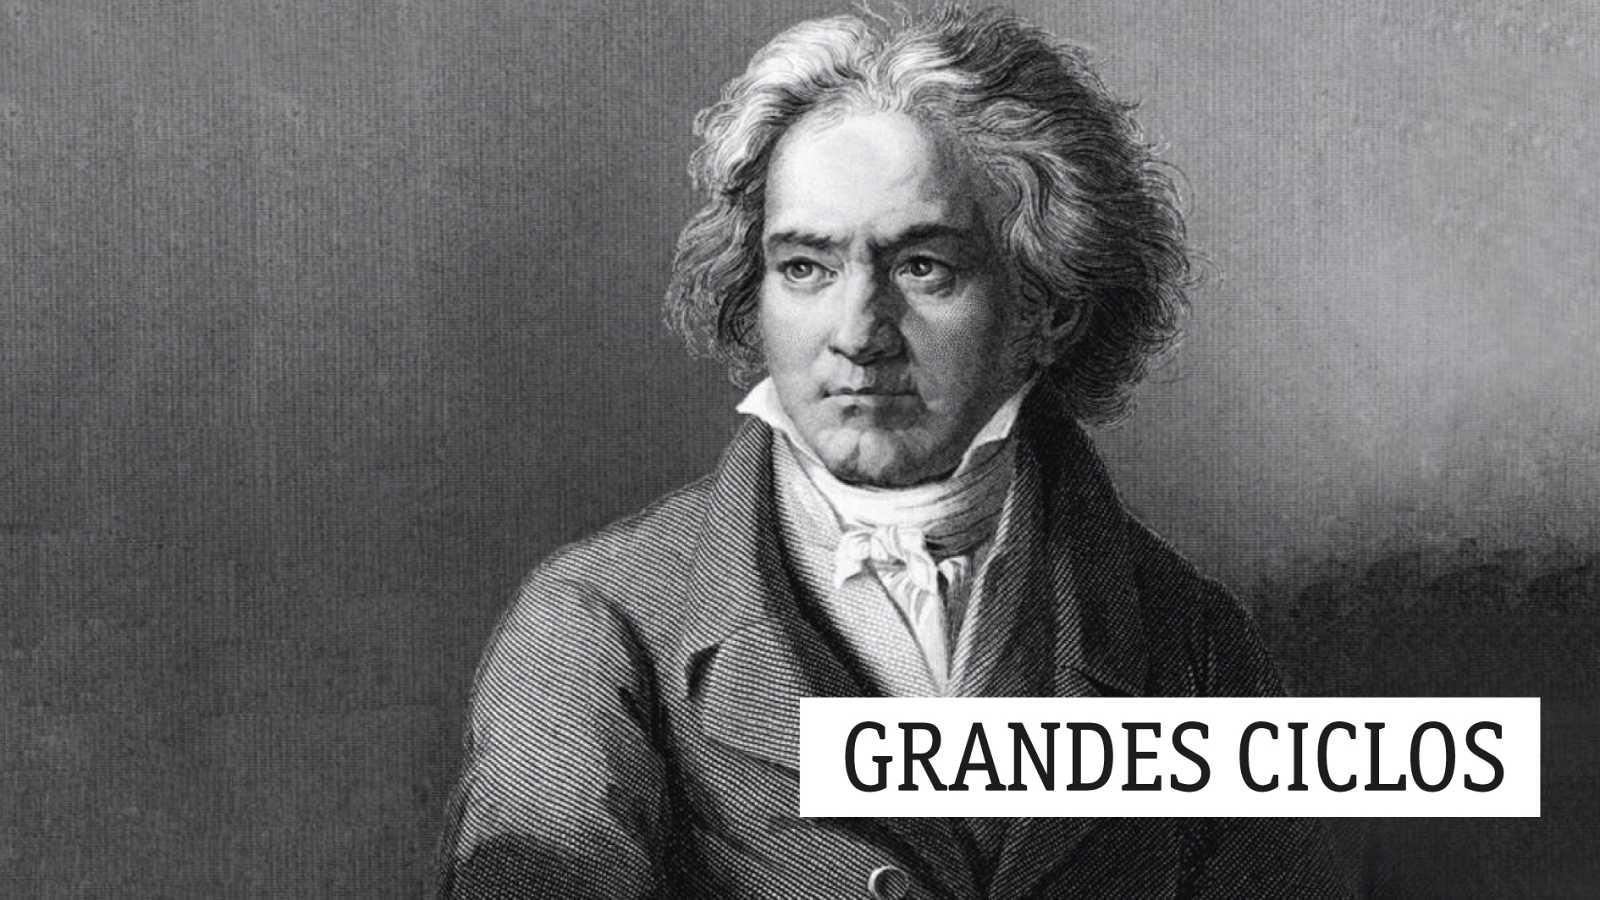 Grandes ciclos - L. van Beethoven (LXXIII): Mucho más allá - 21/05/20 - escuchar ahora